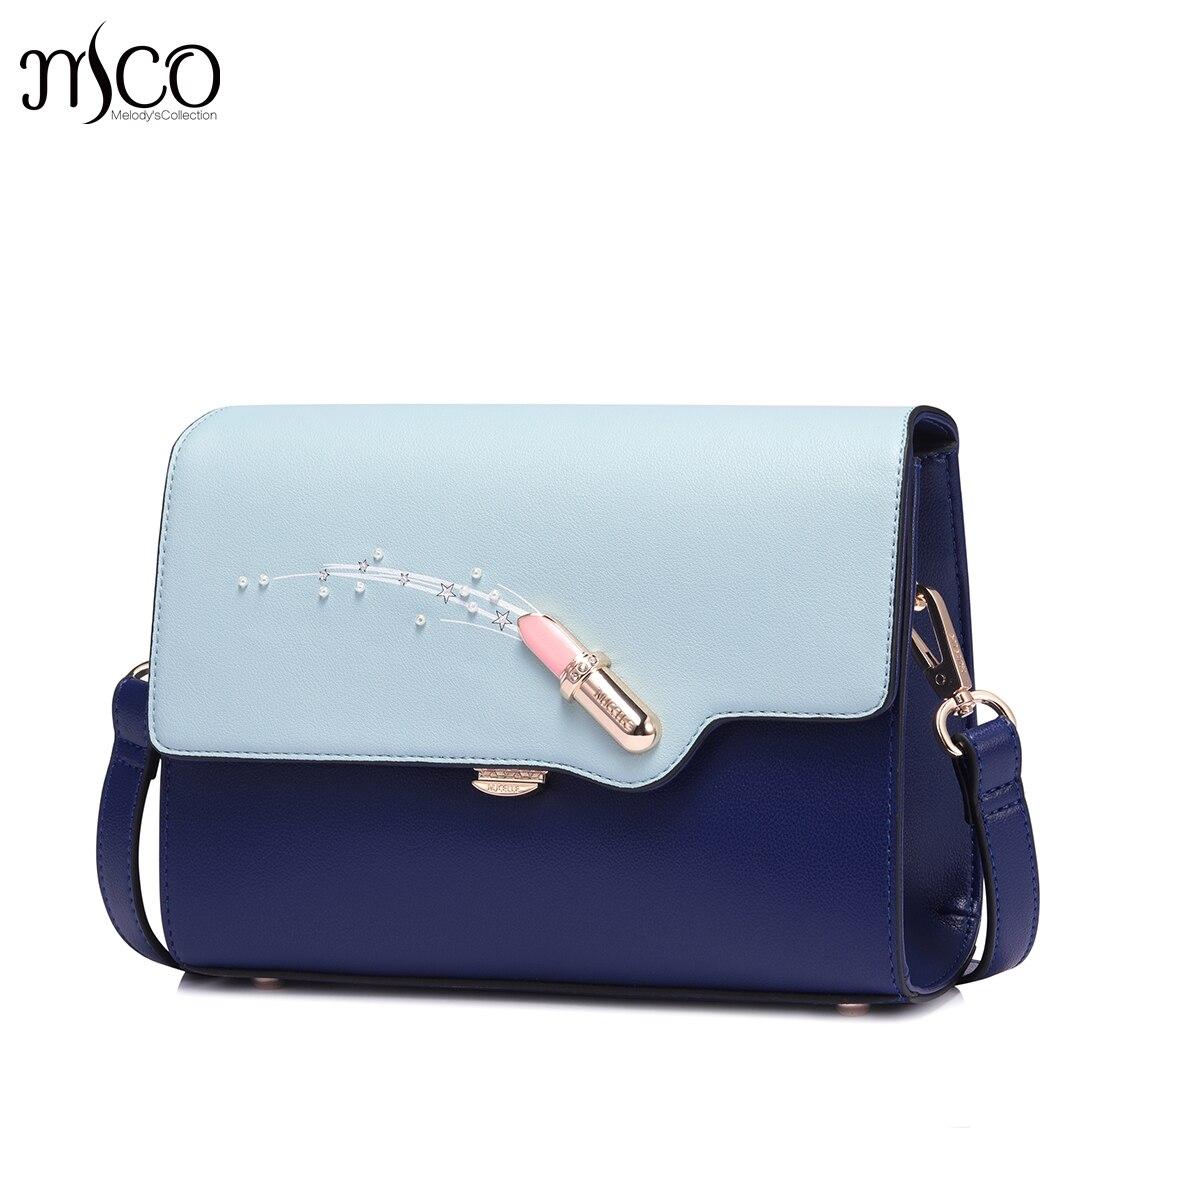 где купить 2017 Summer Diamonds Lipstick Clutch Messenger Bag For Women Panelled PU Leather Beading Handbags Small Flap Shoulder Handbag по лучшей цене